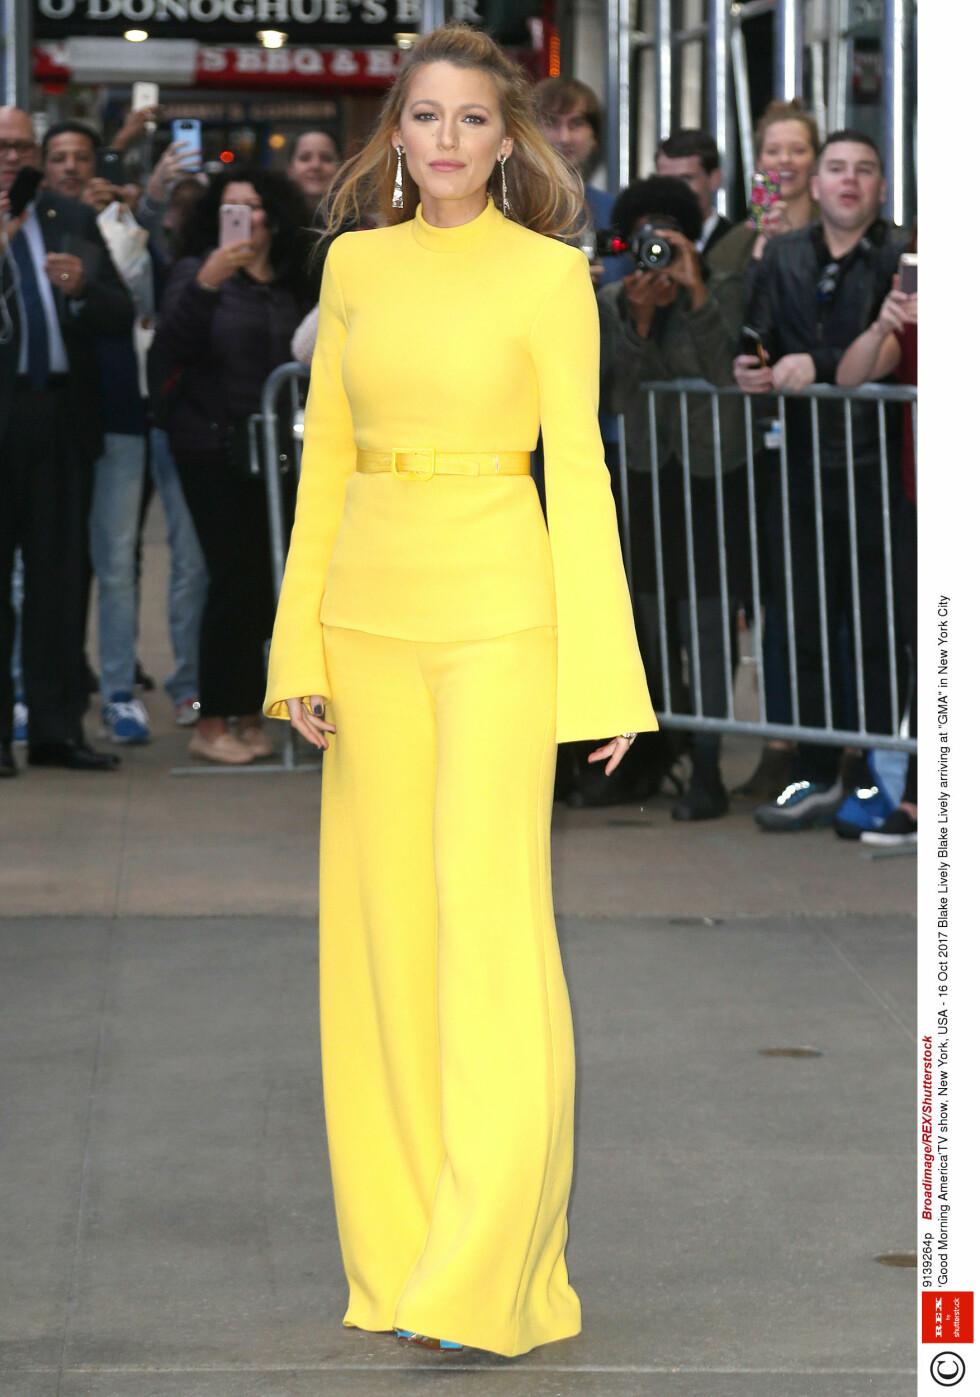 8. Da hun dukket opp med denne knallgule kjolen på «Good Morning America». Foto: NTB Scanpix